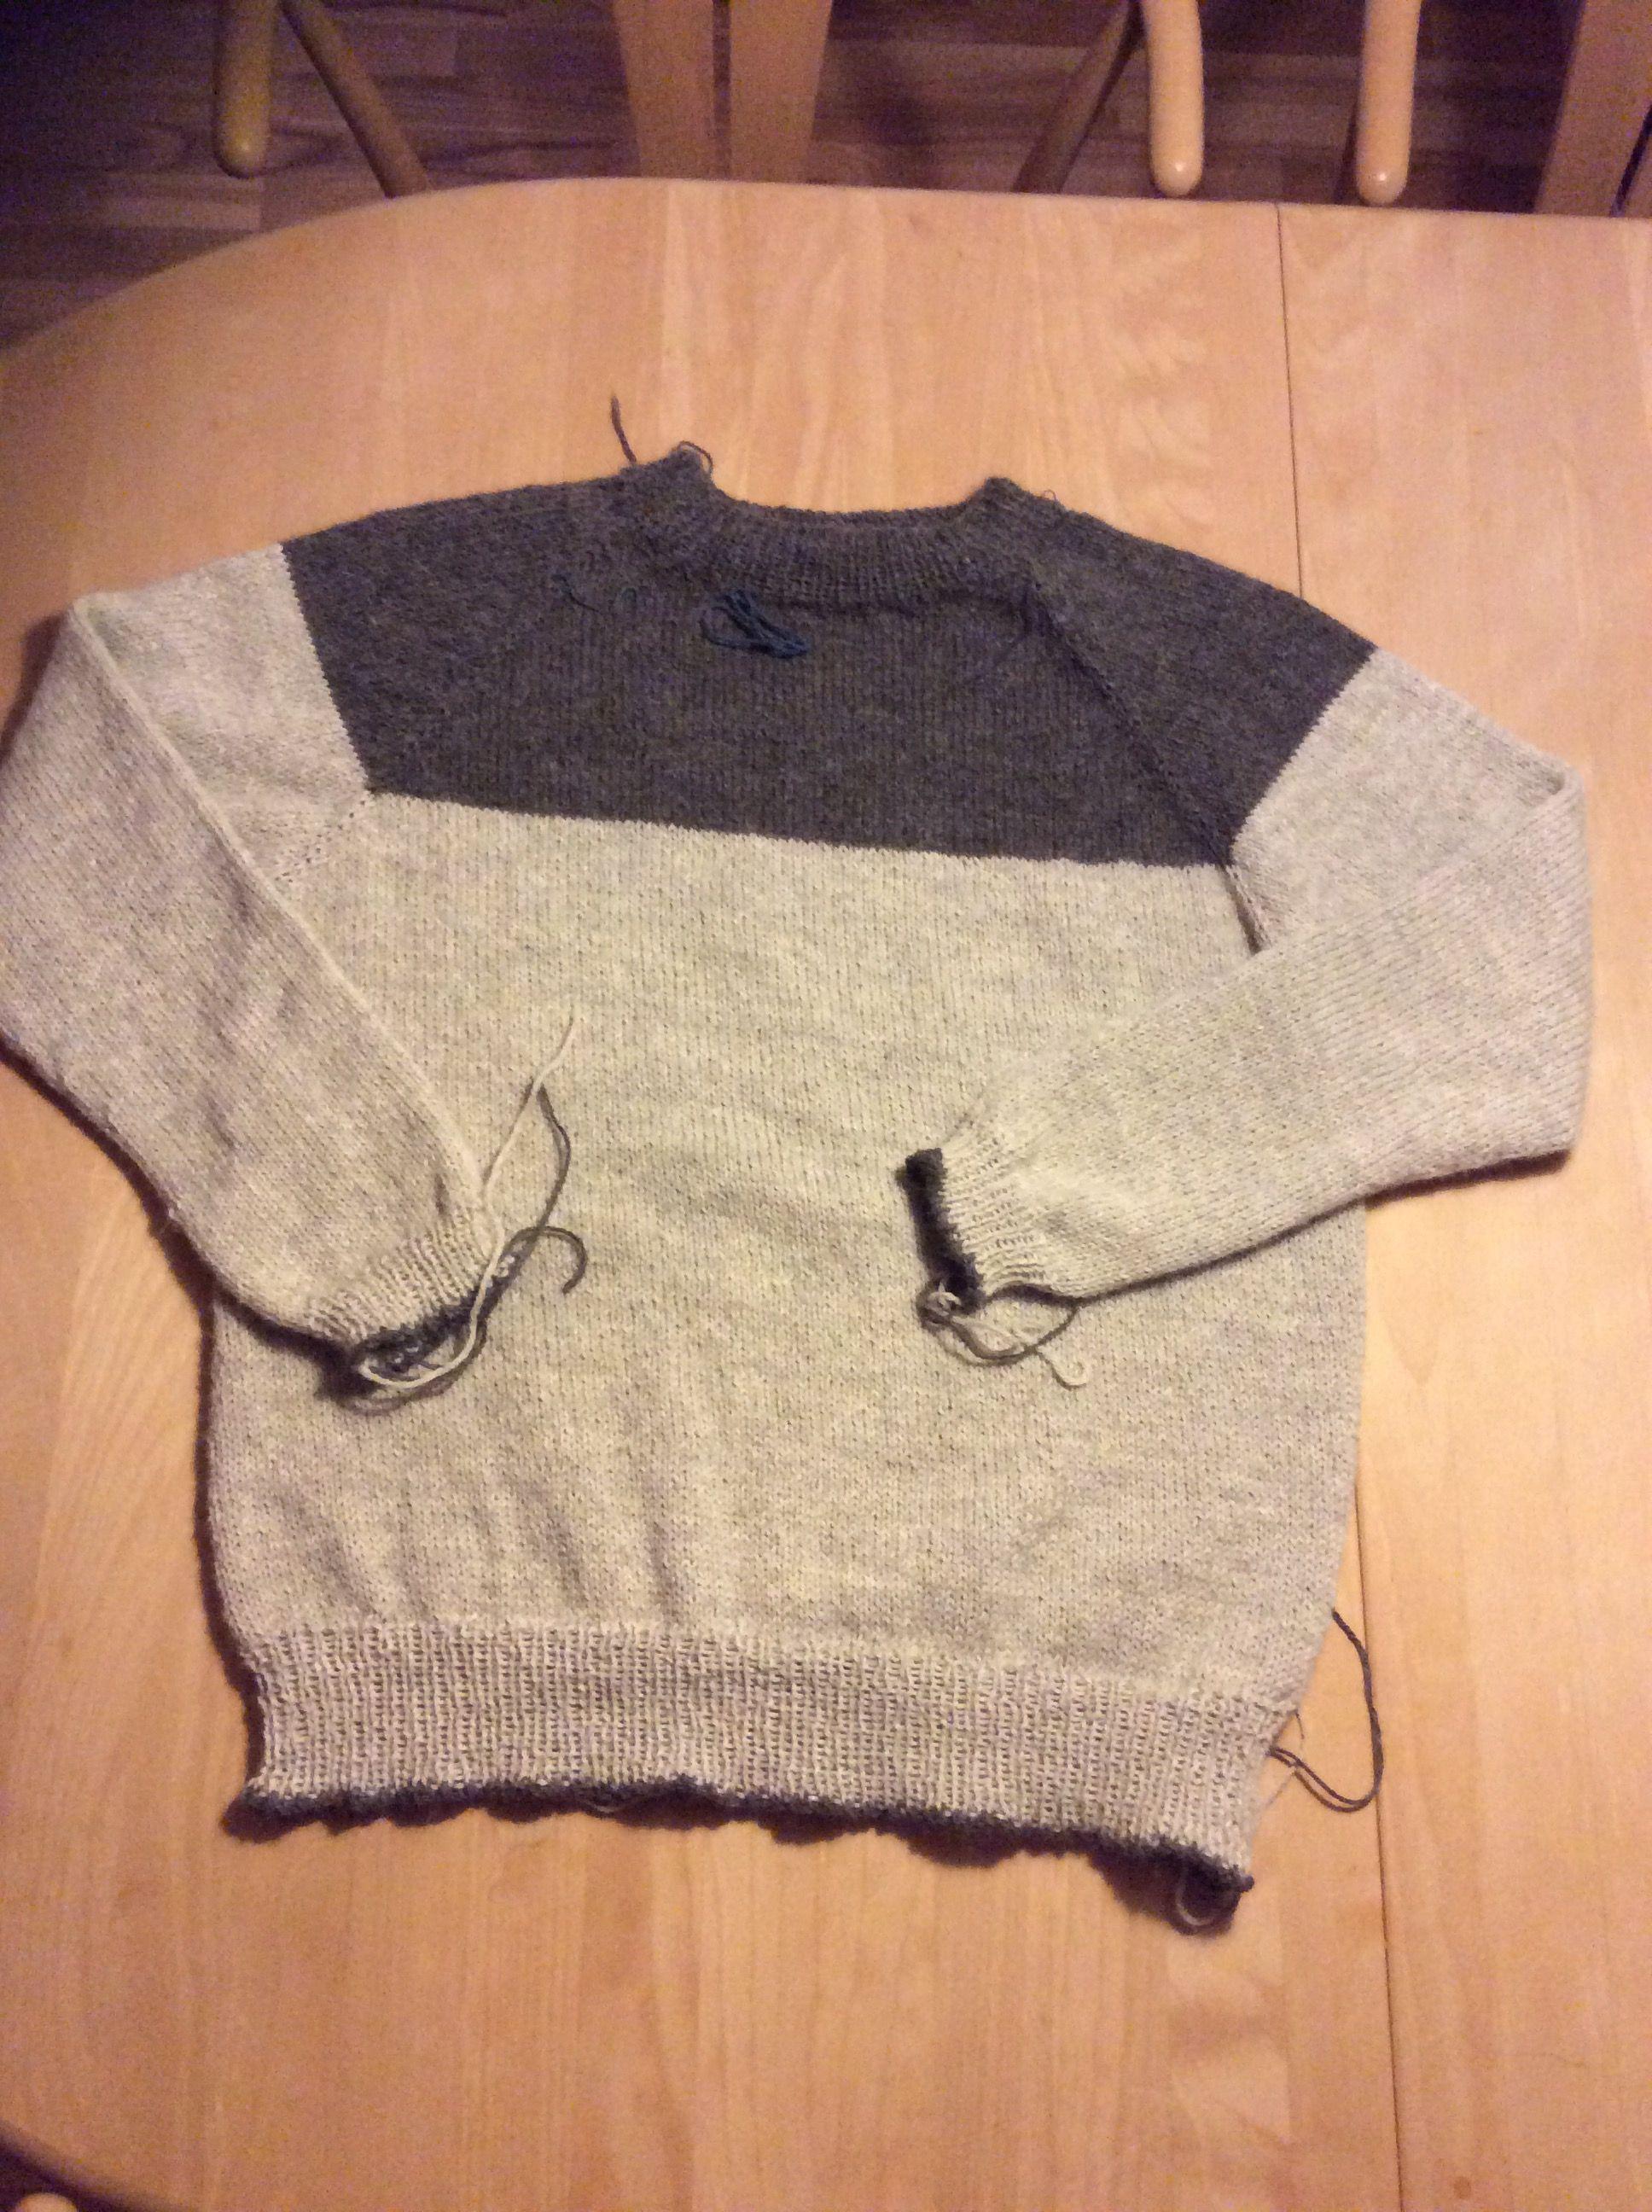 #ingendikkedarer strikket i #punagarn opskrift fra #petiteknit